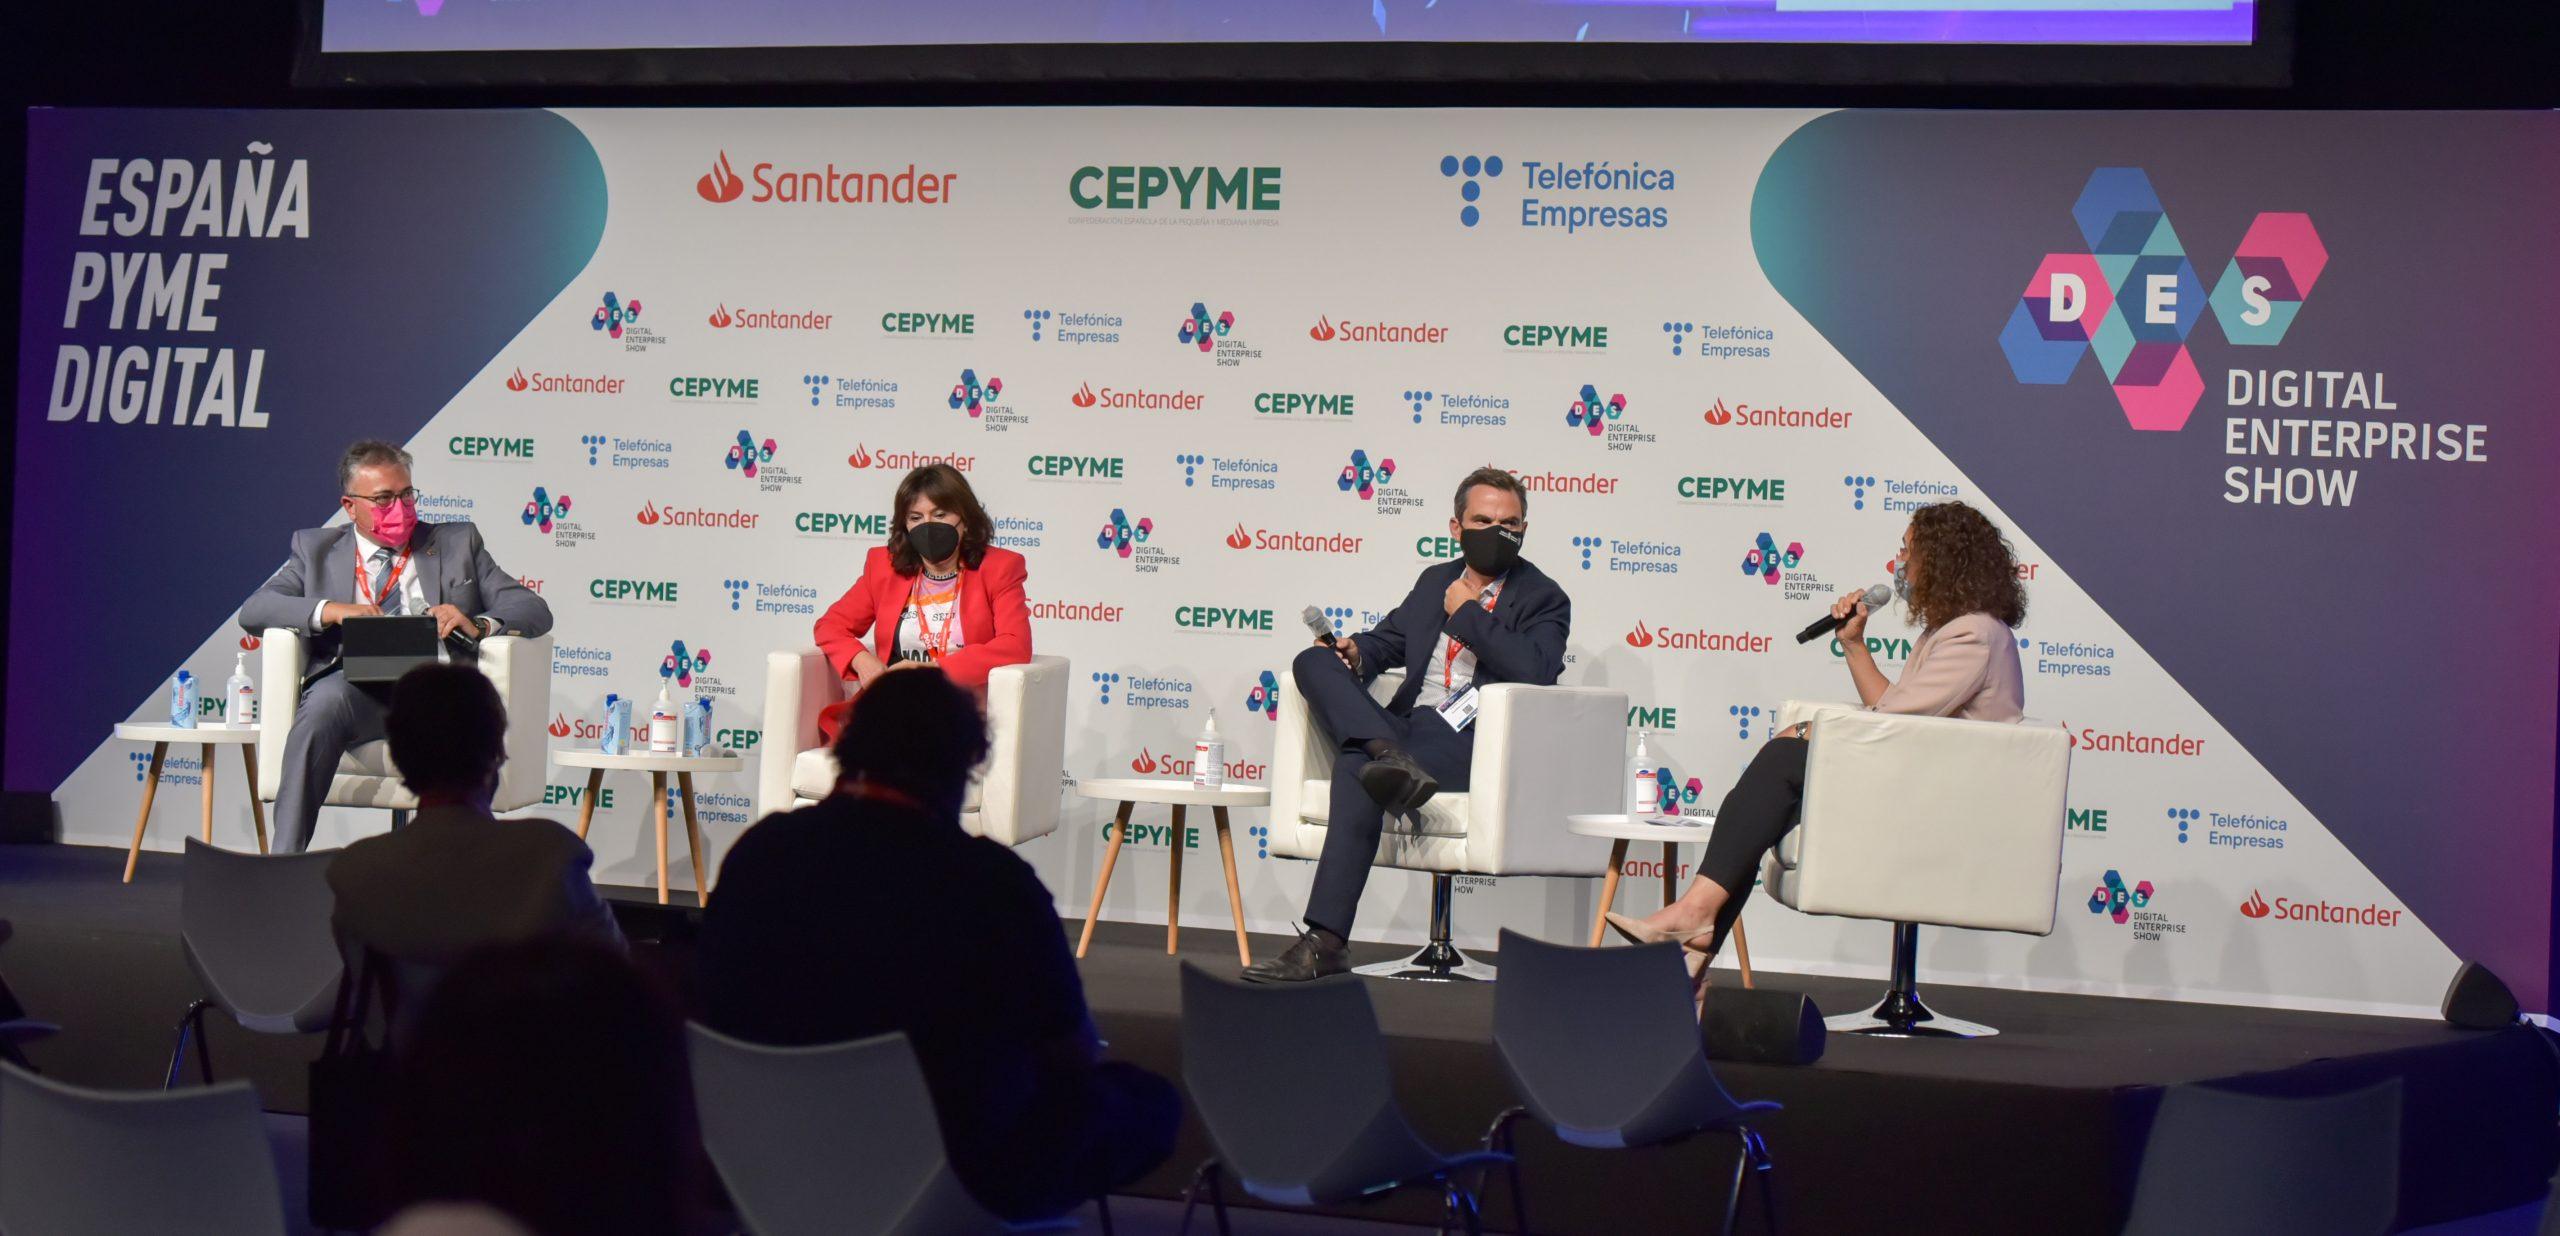 Los gobiernos de Madrid, Navarra y Galicia presentan sus planes de digitalización en DES2021